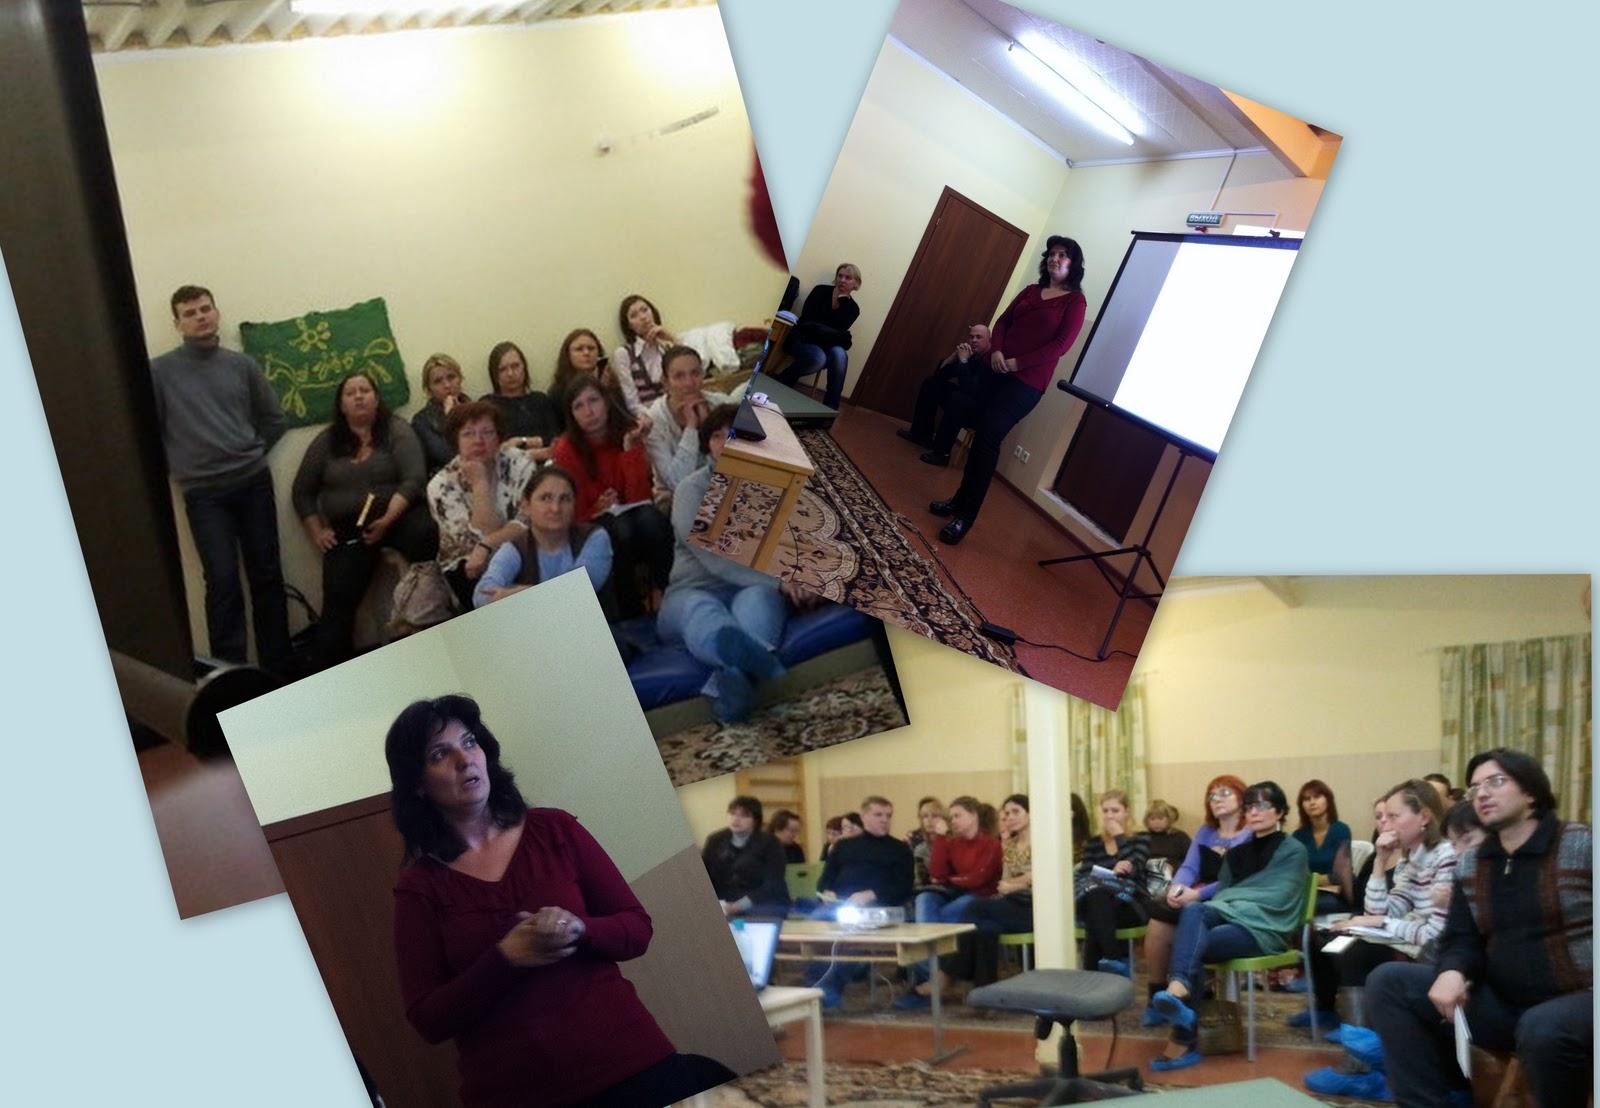 семинар о применении различных терапевтических моделей